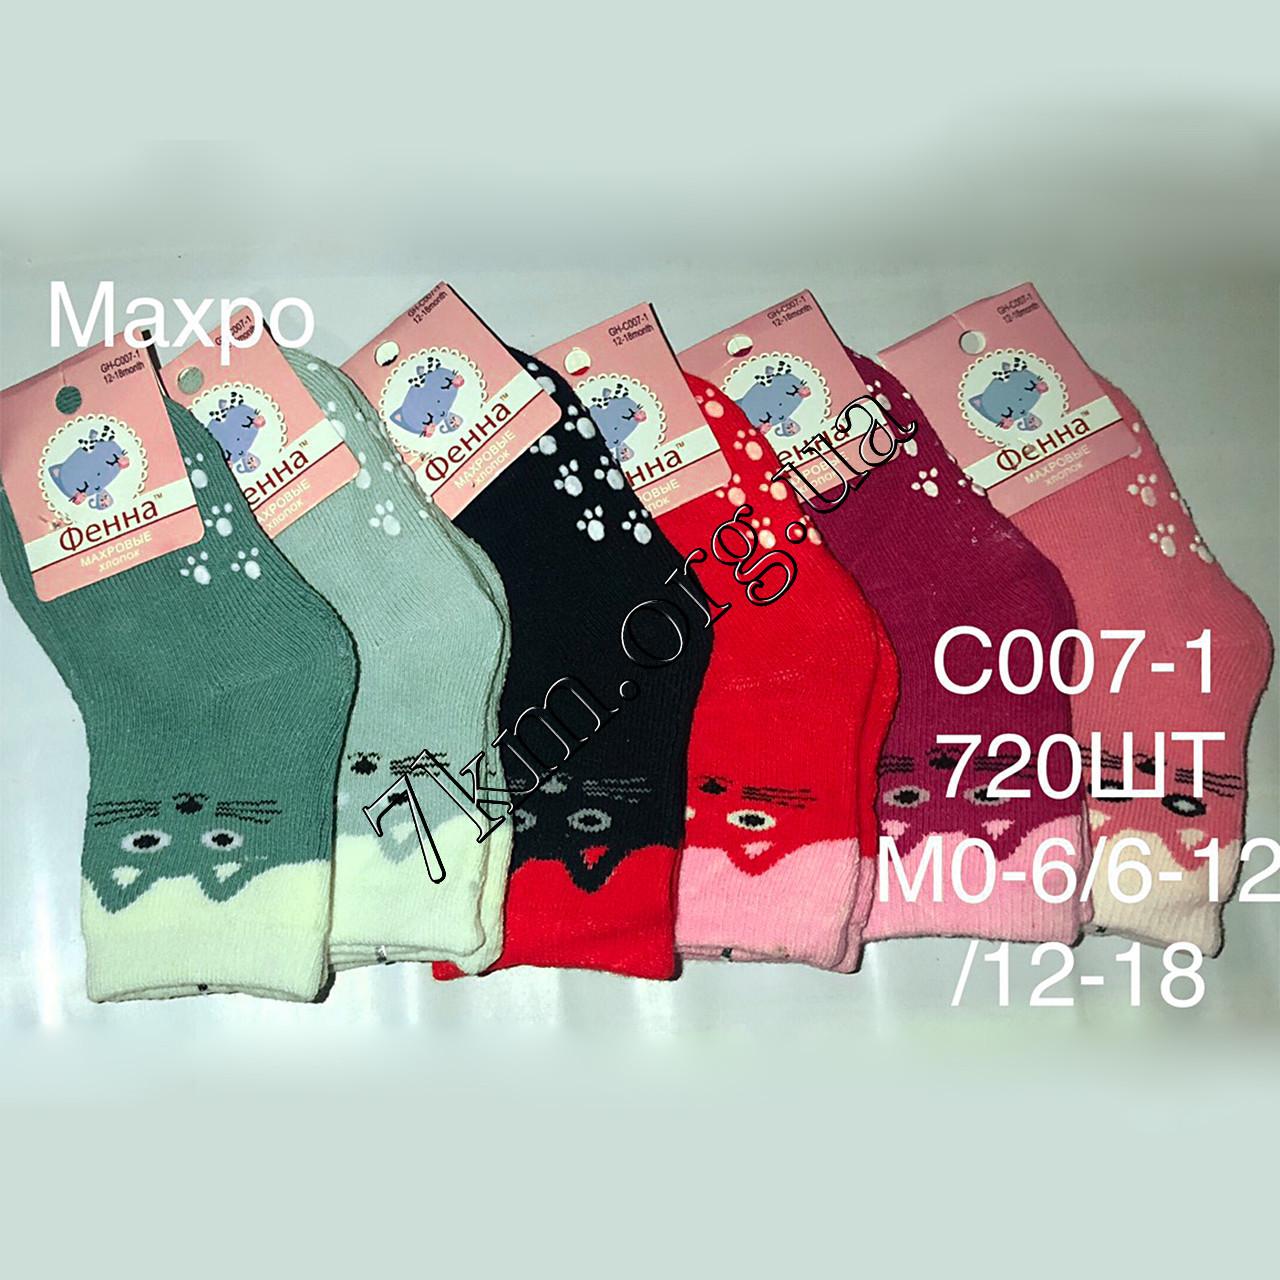 Носки детские махровые для девочек Фенна 12-18 месяцев Оптом C007-1